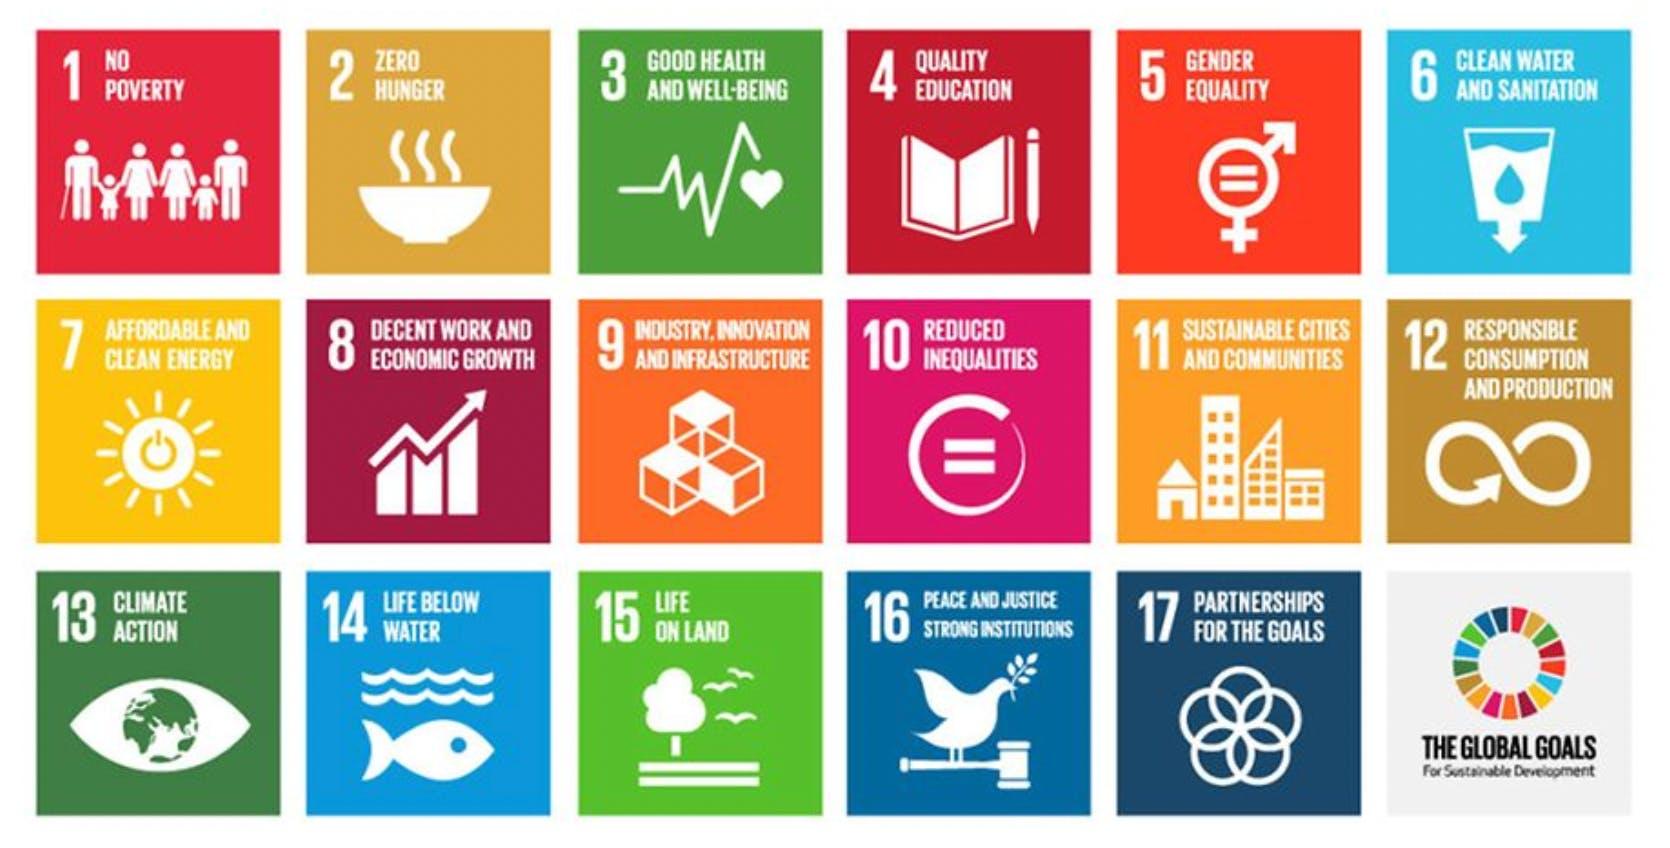 Tesla and sustainability: United Nations Sustainable Development Goals